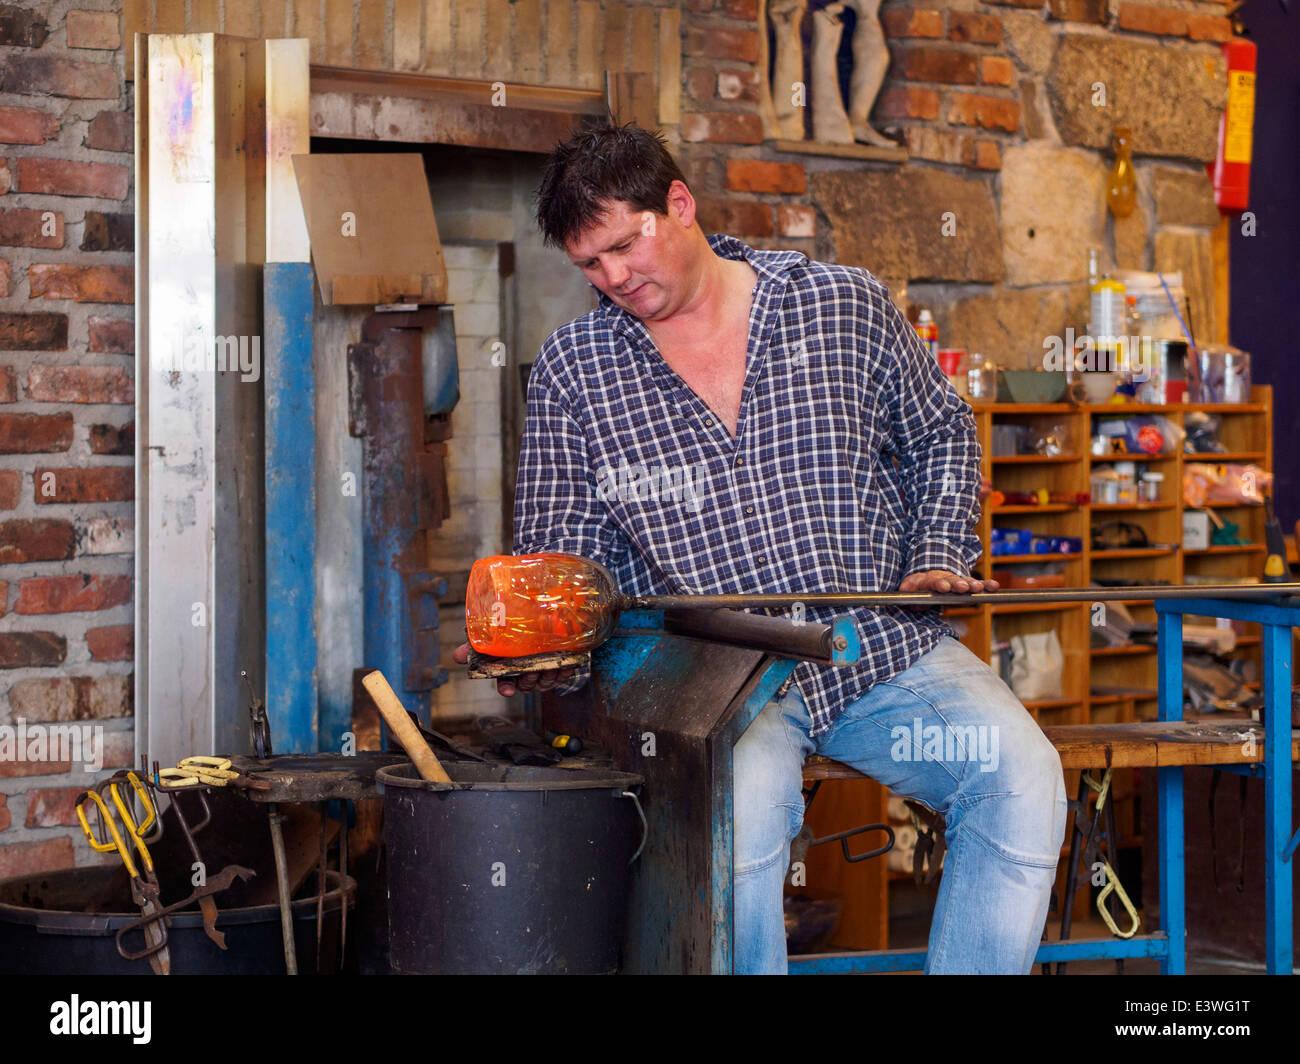 A glassblower works in the Glass Factory Vikten on the Lofoten islands in Norway. - Stock Image